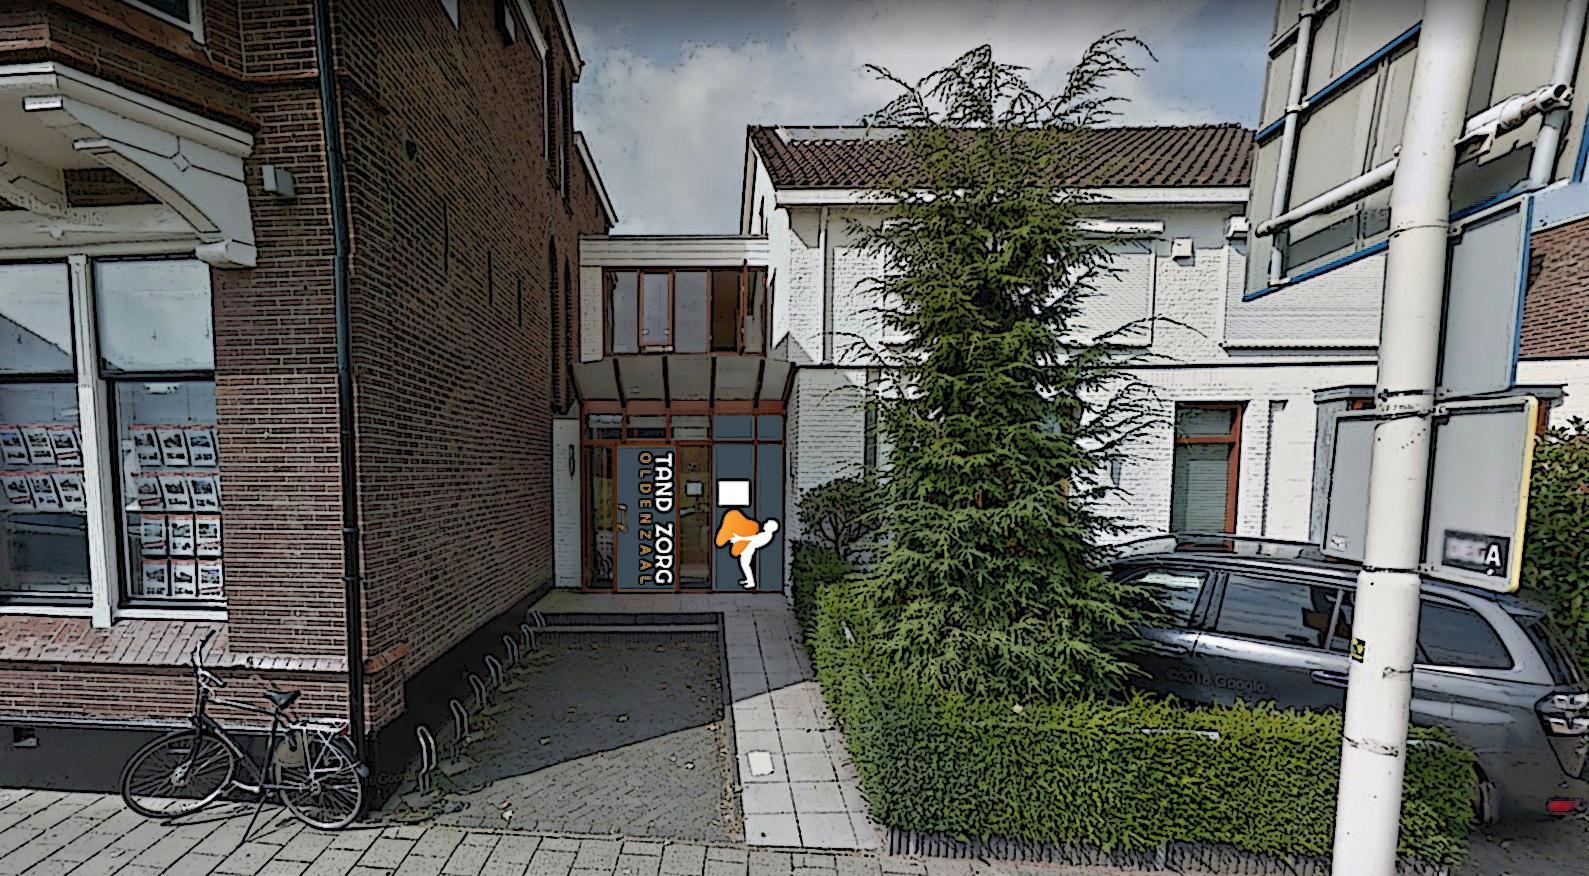 Opening tandzorg oldenzaal tandzorg oldenzaal - Oldenzaal mobel ...